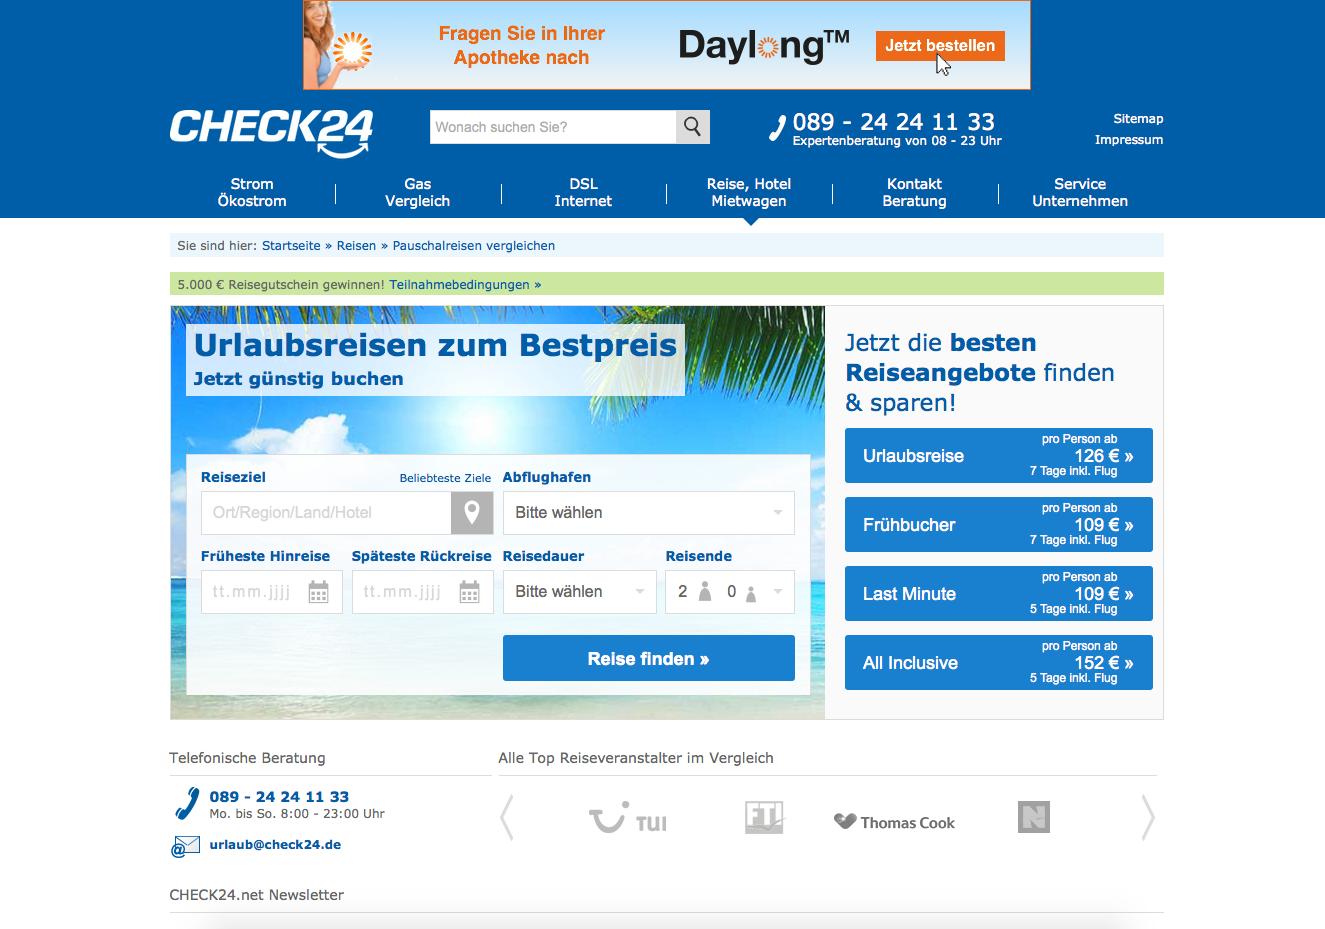 Check24 Hotel & Pauschalreise Gutschein